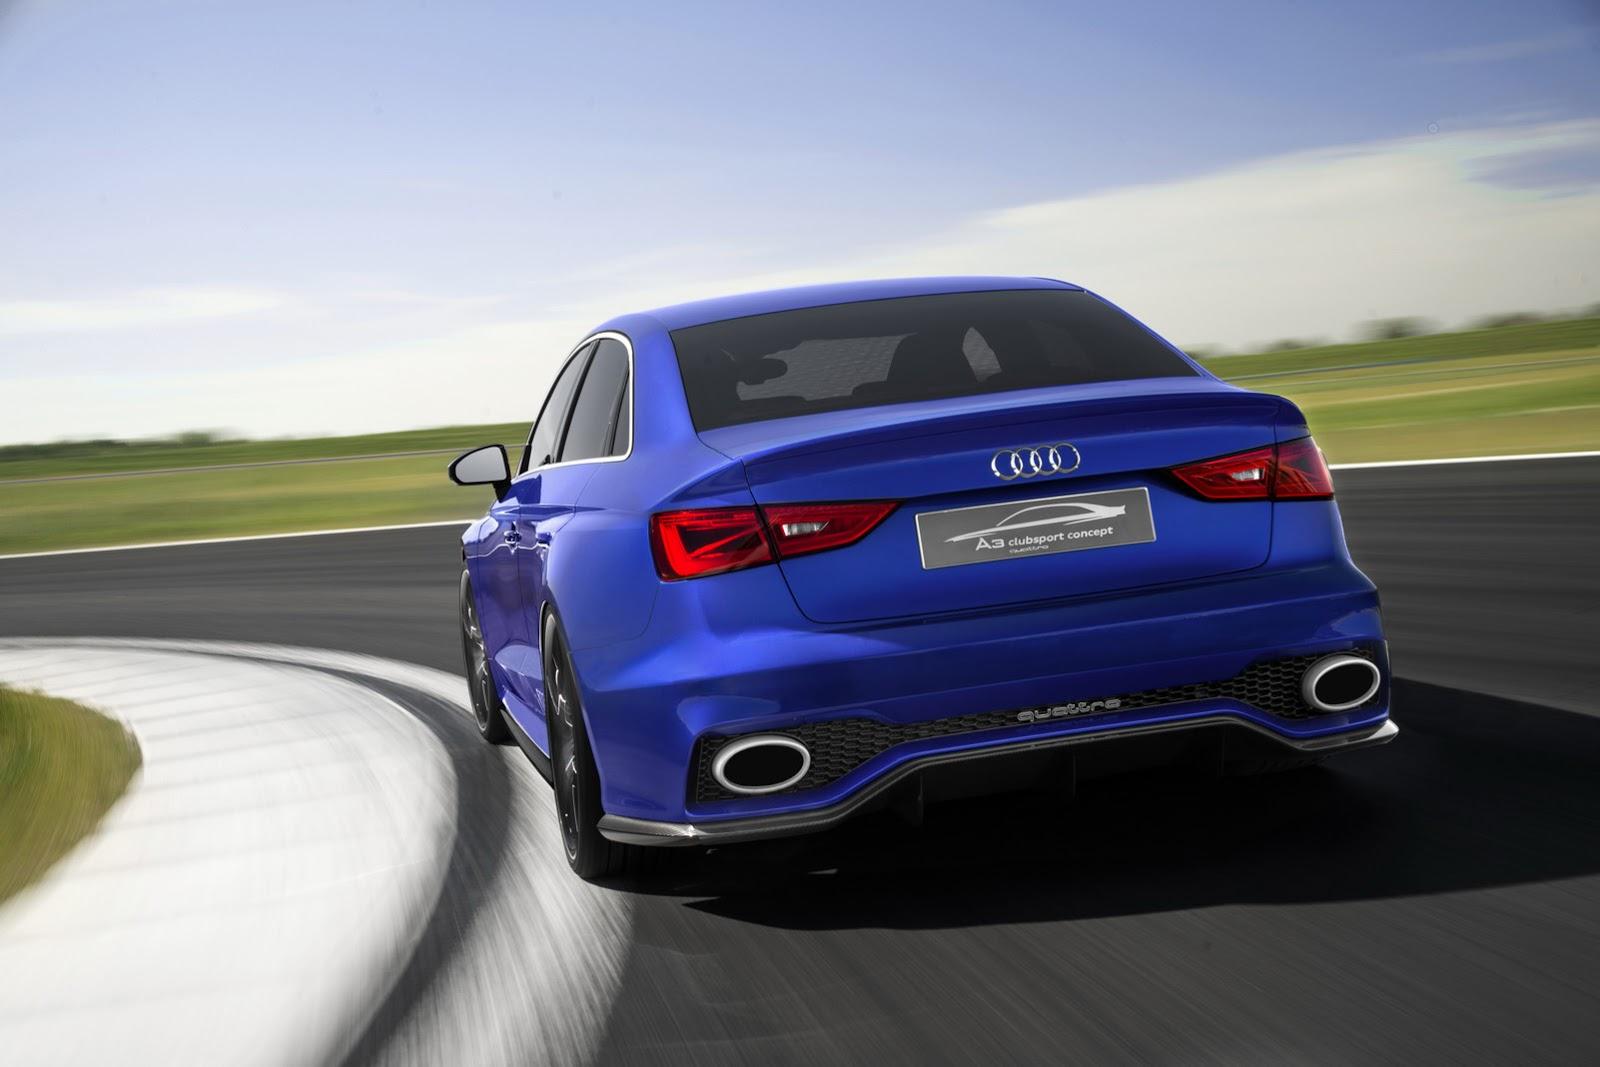 Video Audi A3 Clubsport Quattro Concept Showcases Huge Air Brake